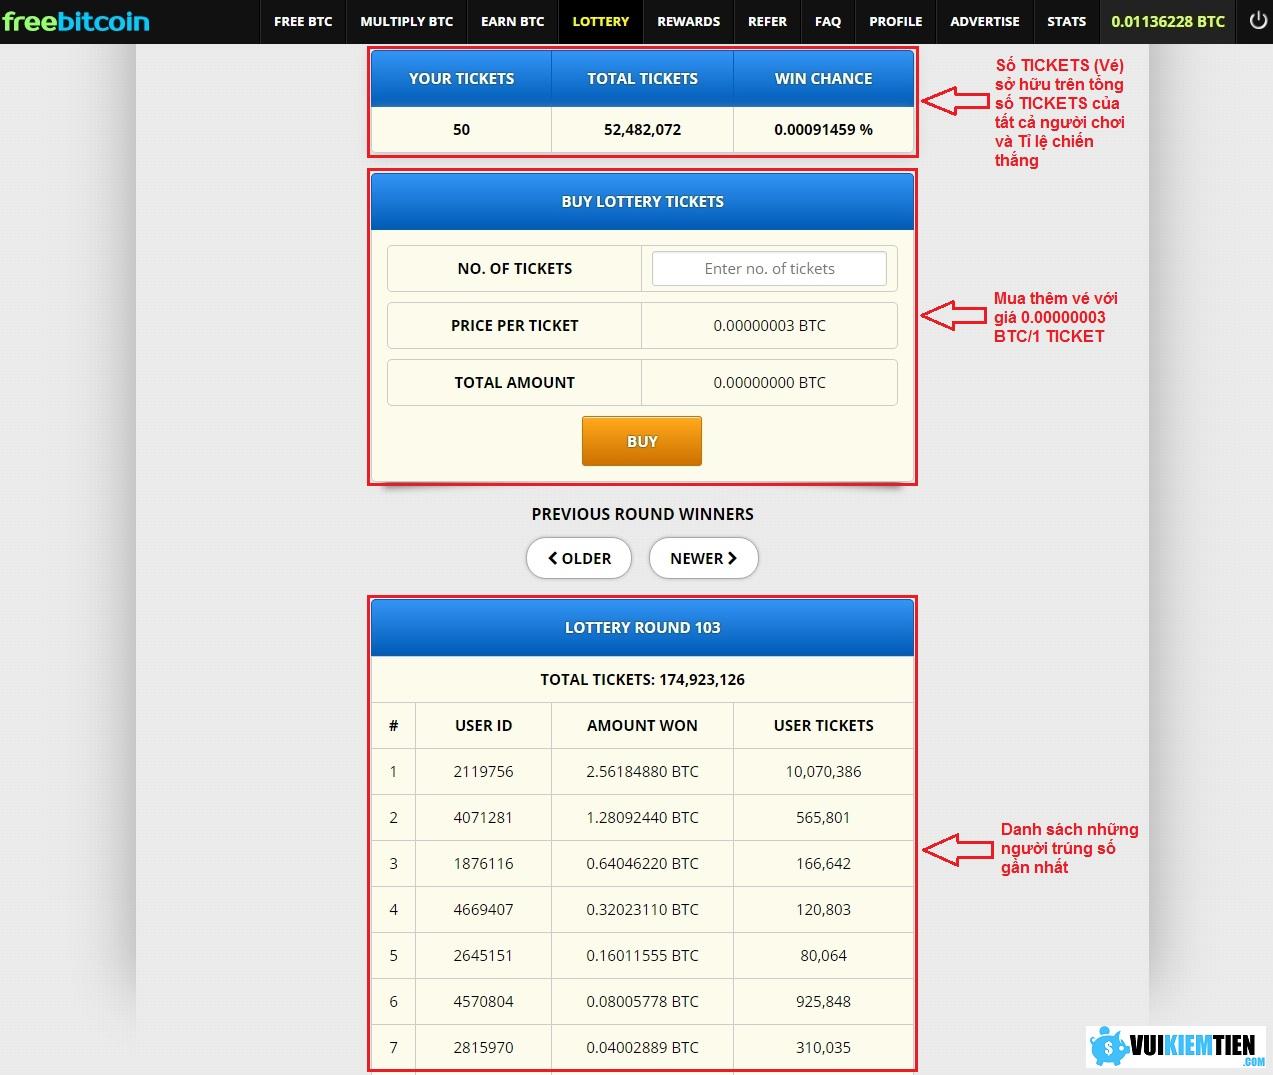 7 Thủ thuật kiếm tiền với Free Bitco.in: cá cược, đầu tư, gửi lãi